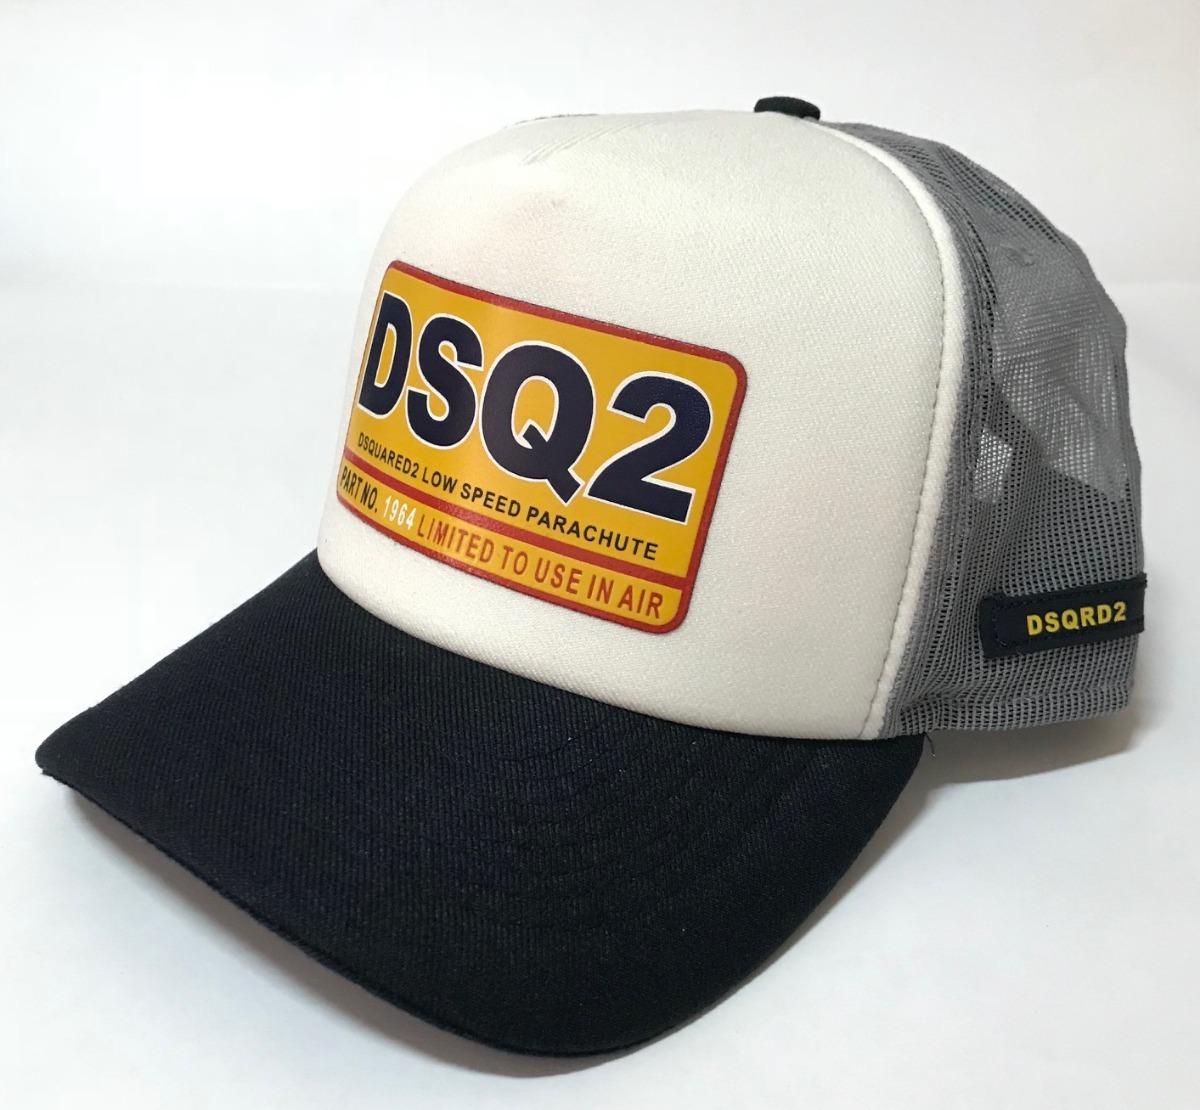 48f76fb5ffdc9 boné dsquared2 icon preto aba curva barato trucker brothers. Carregando zoom .